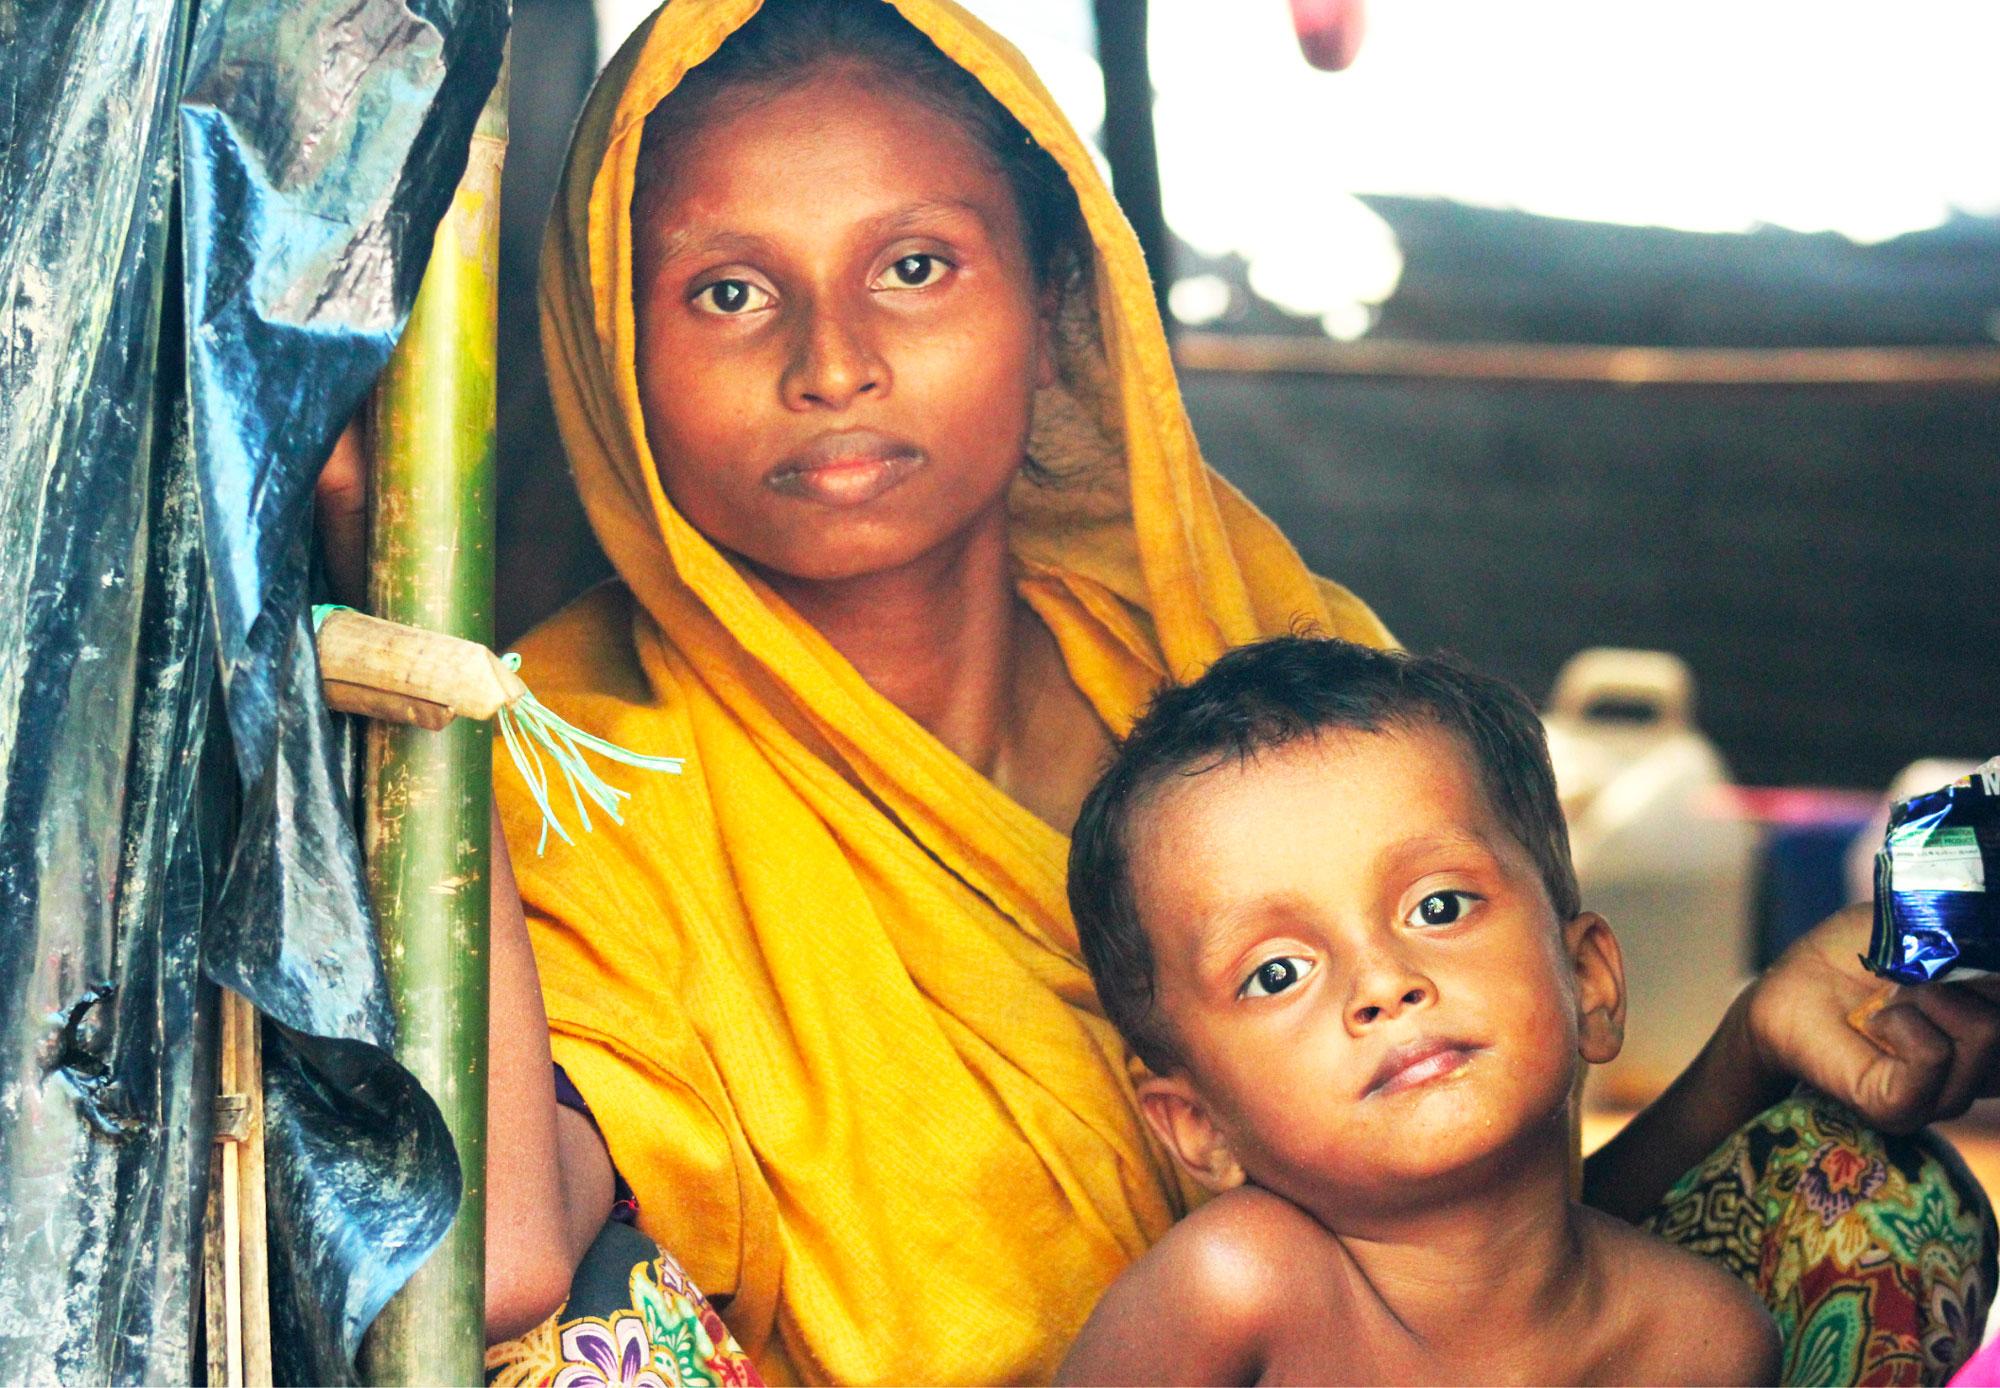 6 ONG françaises créent l'Alliance Urgenceset lancent leur premier appel pour les Rohingyas